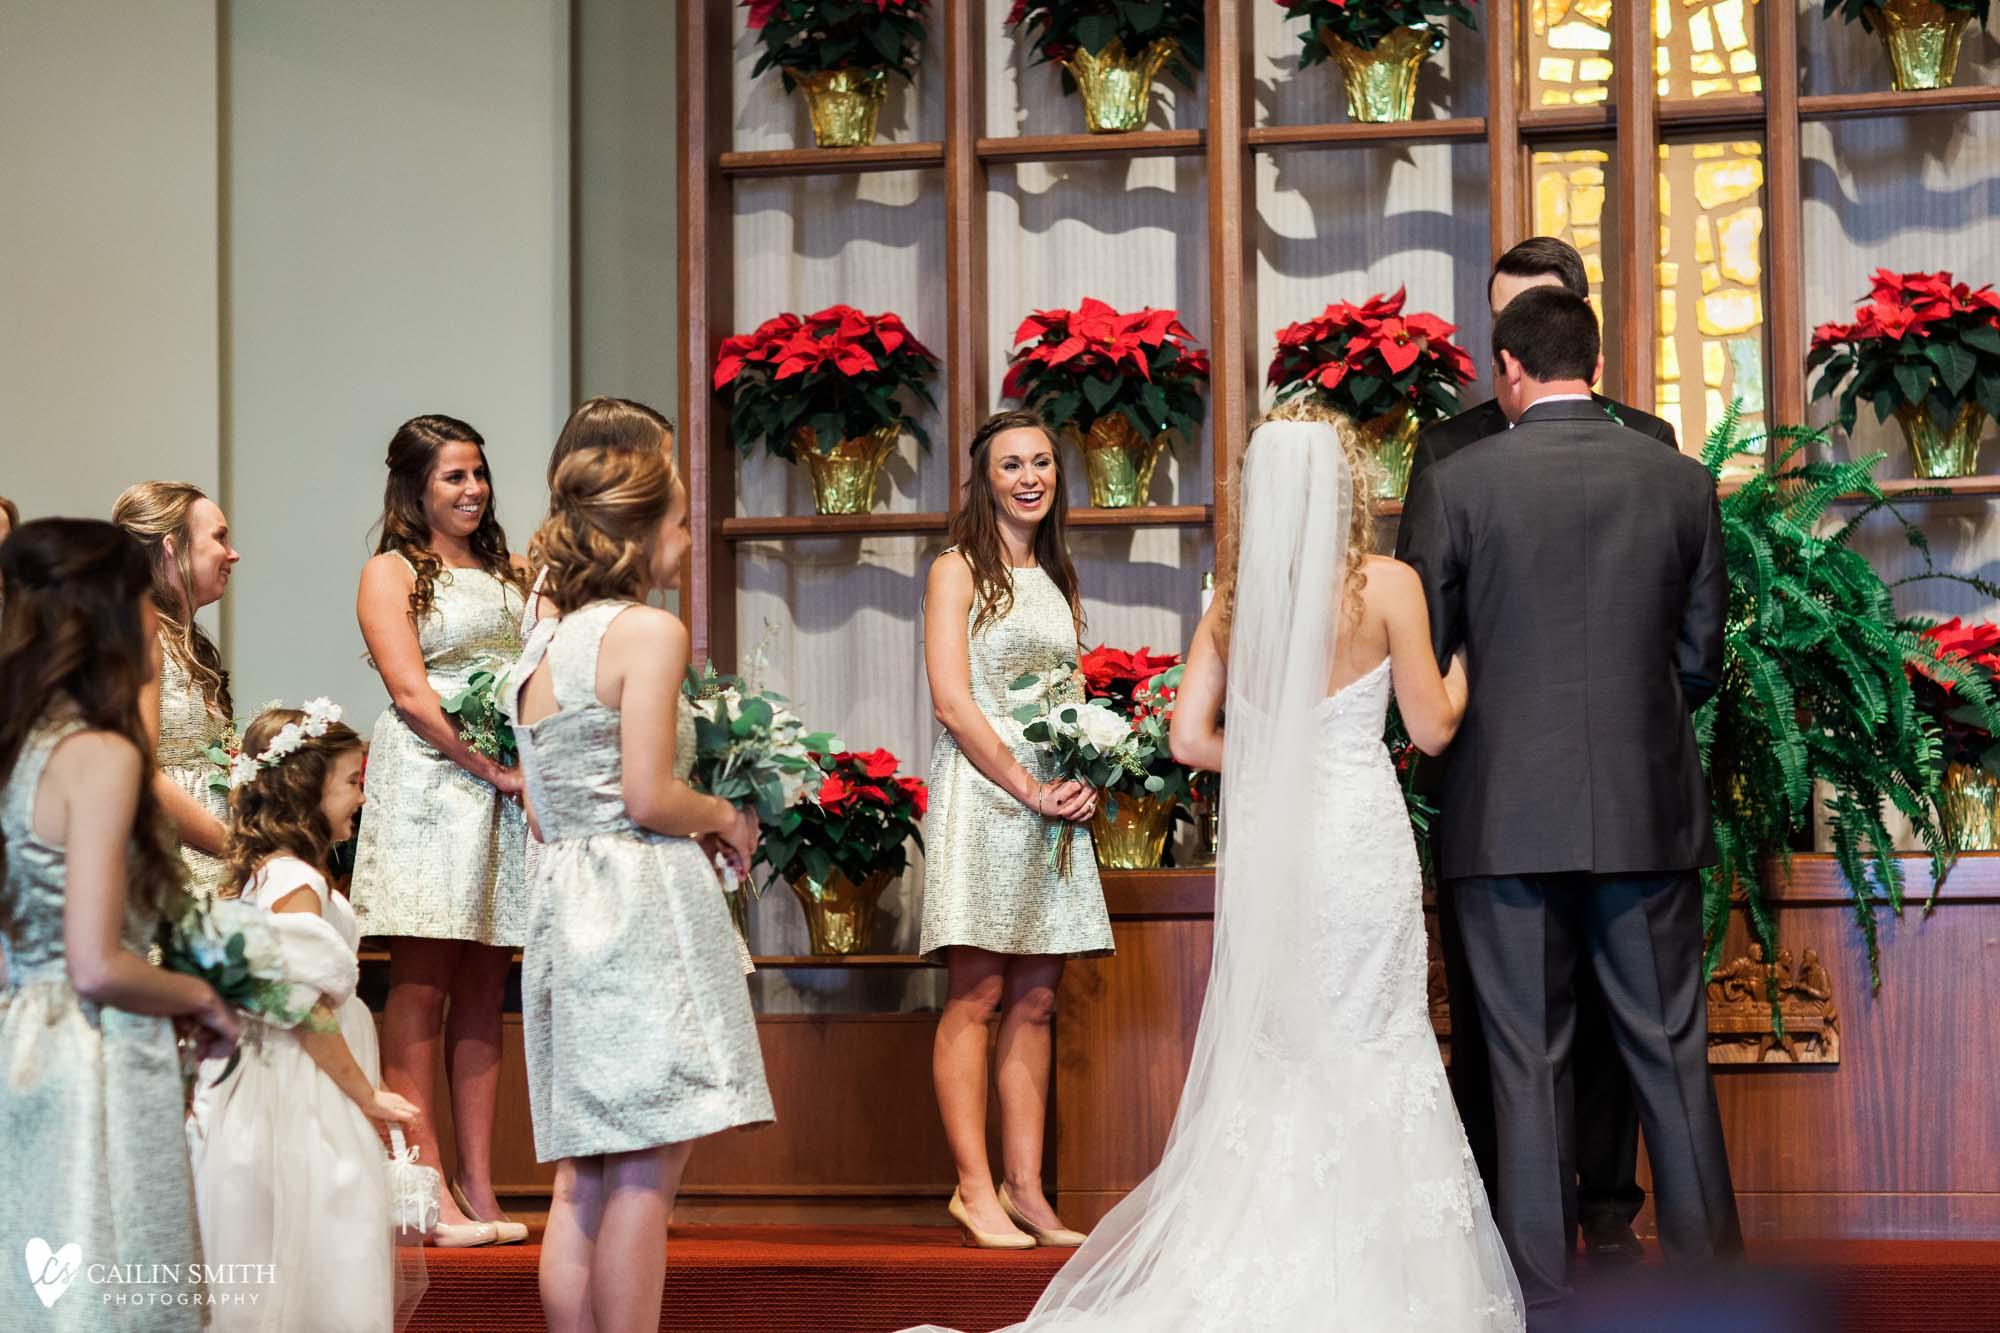 Leah_Major_St_Marys_Wedding_Photography_075.jpg